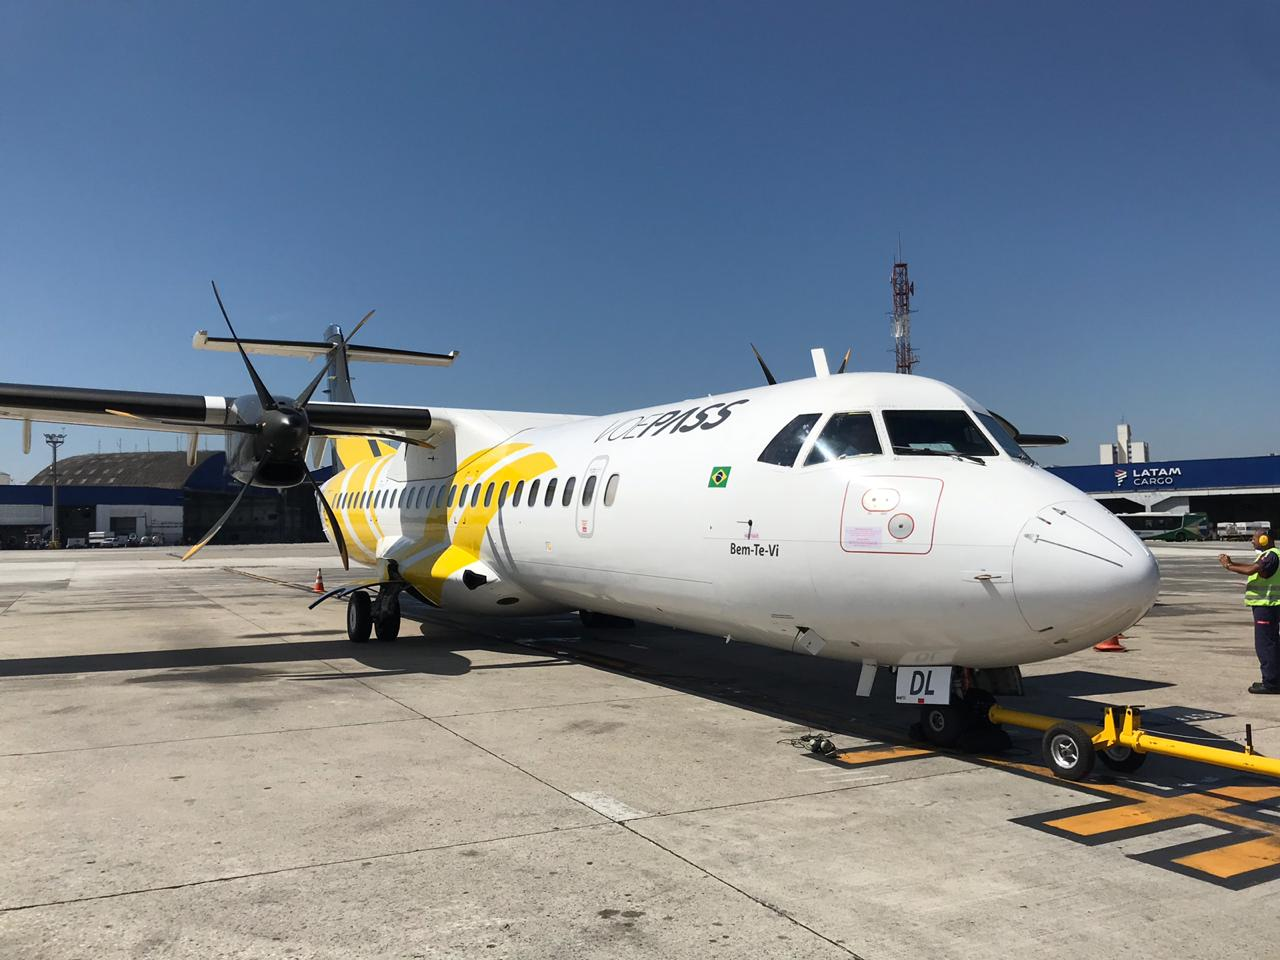 Agravamento da pandemia obriga a VoePass a suspender voos de Uberlândia, Foz do Iguaçu e Ponta Grossa